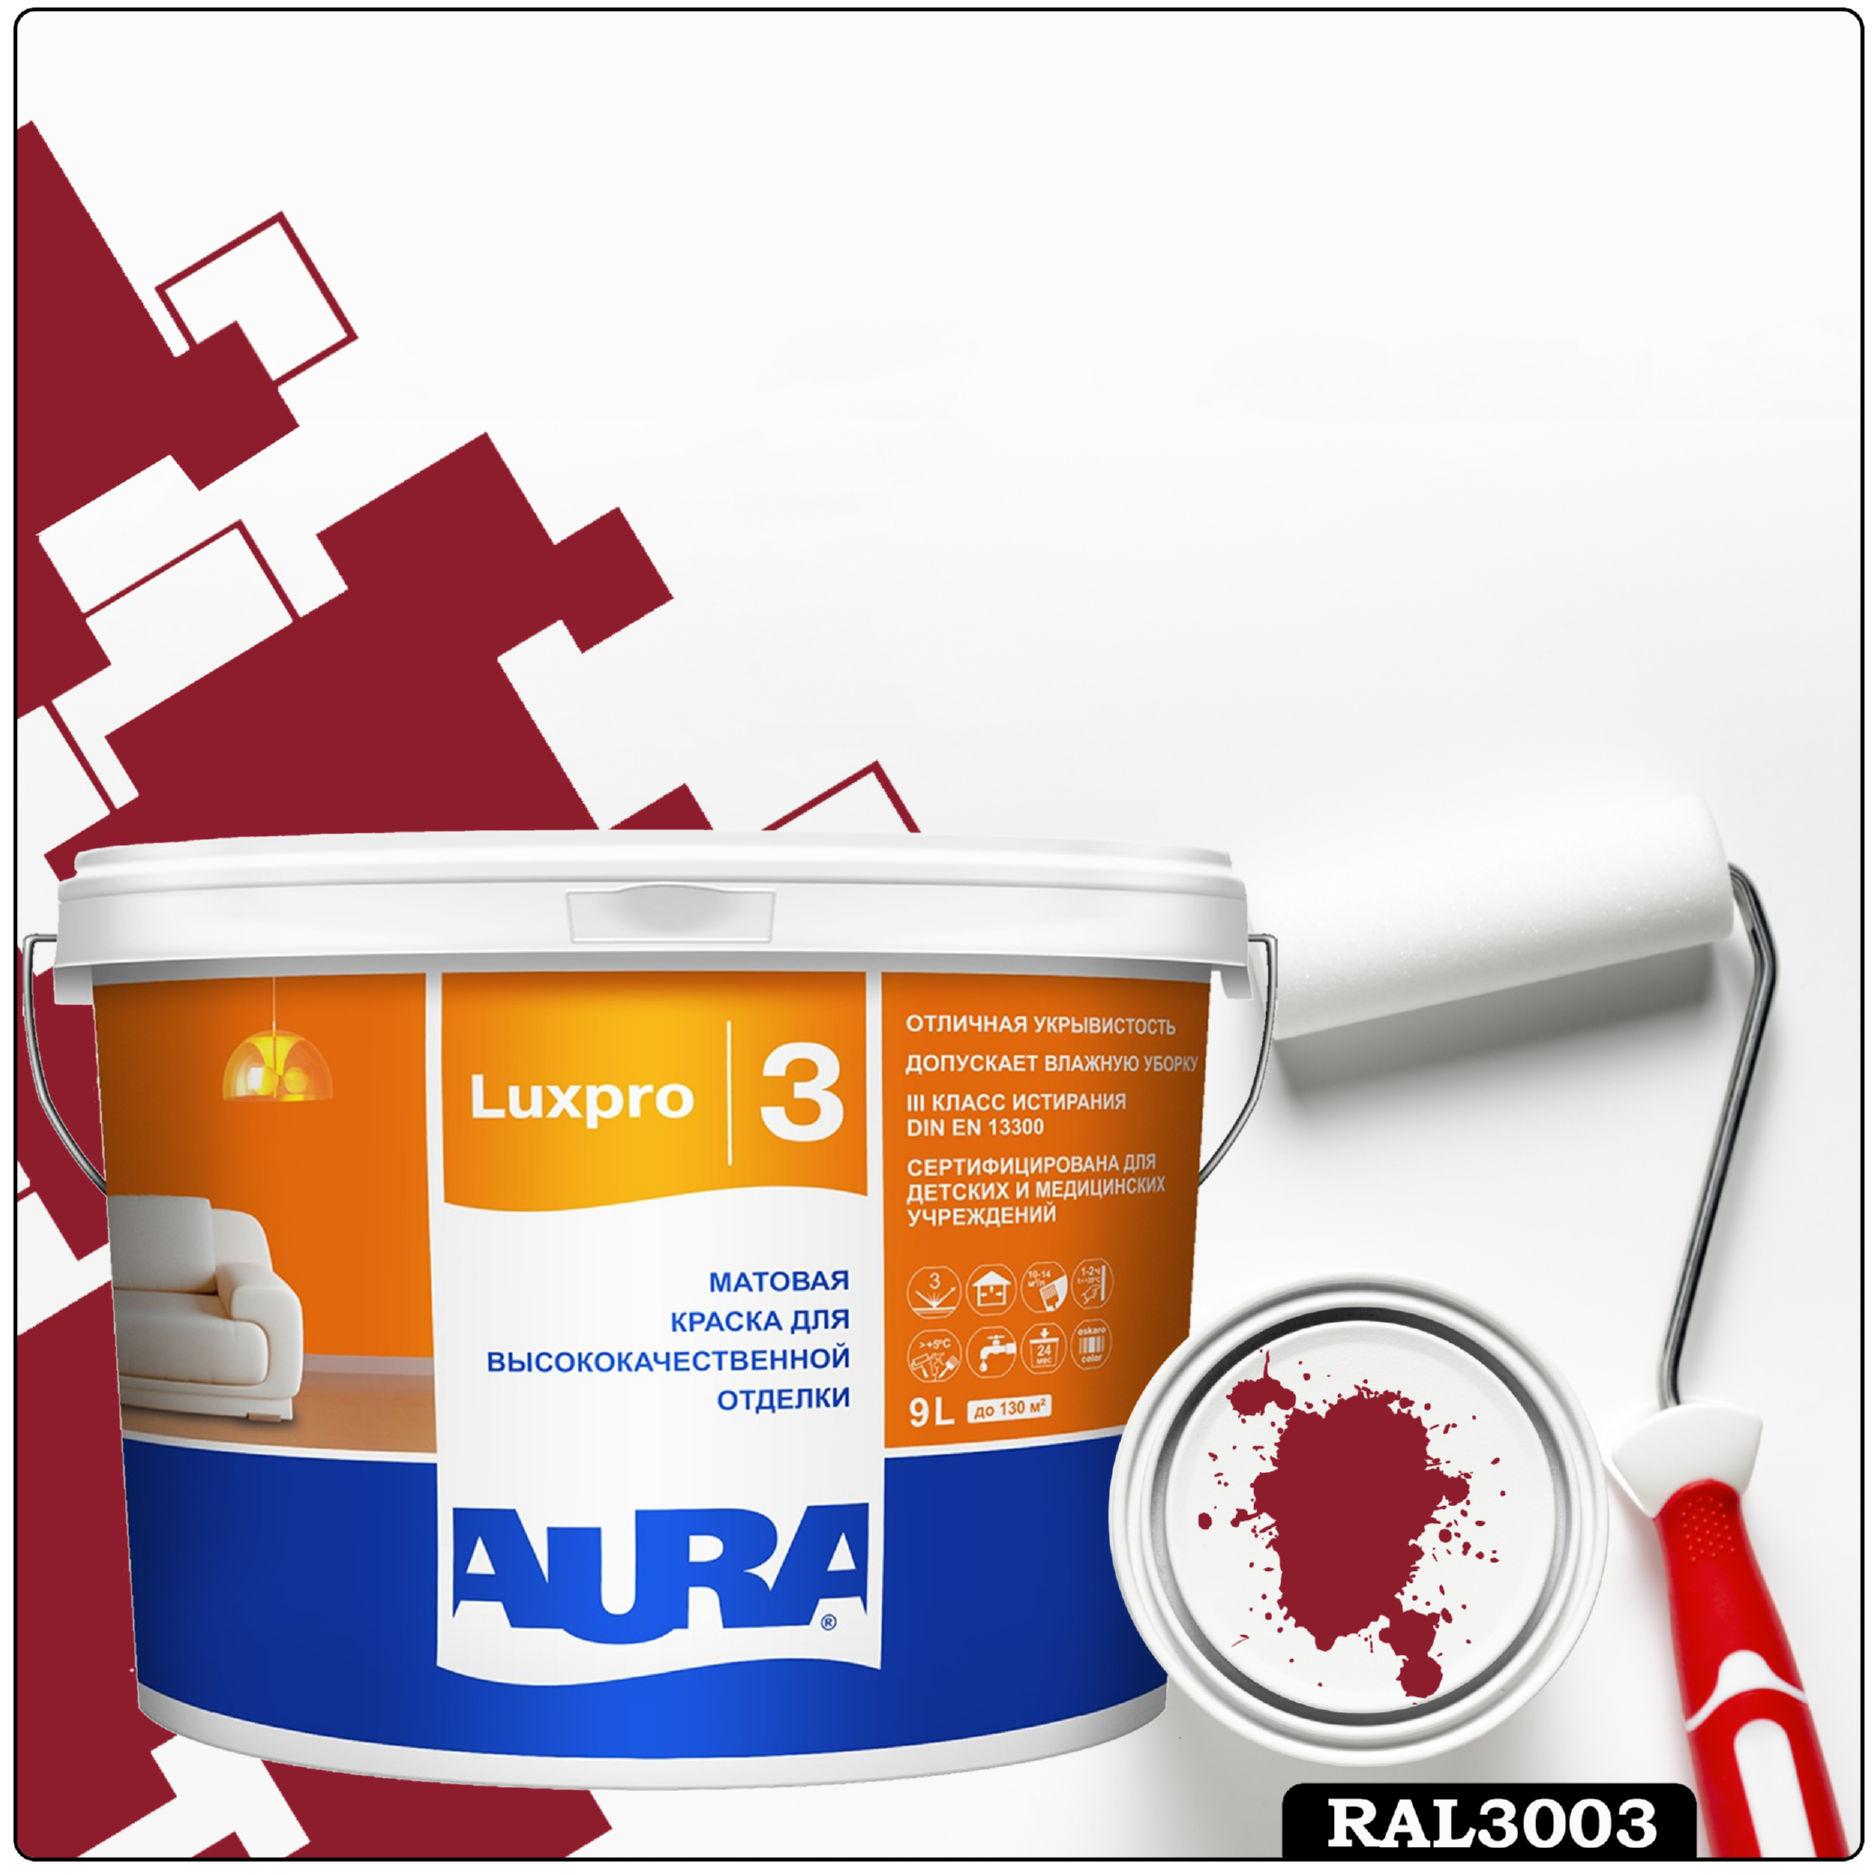 Фото 4 - Краска Aura LuxPRO 3, RAL 3003 Рубиново-красный, латексная, шелково-матовая, интерьерная, 9л, Аура.